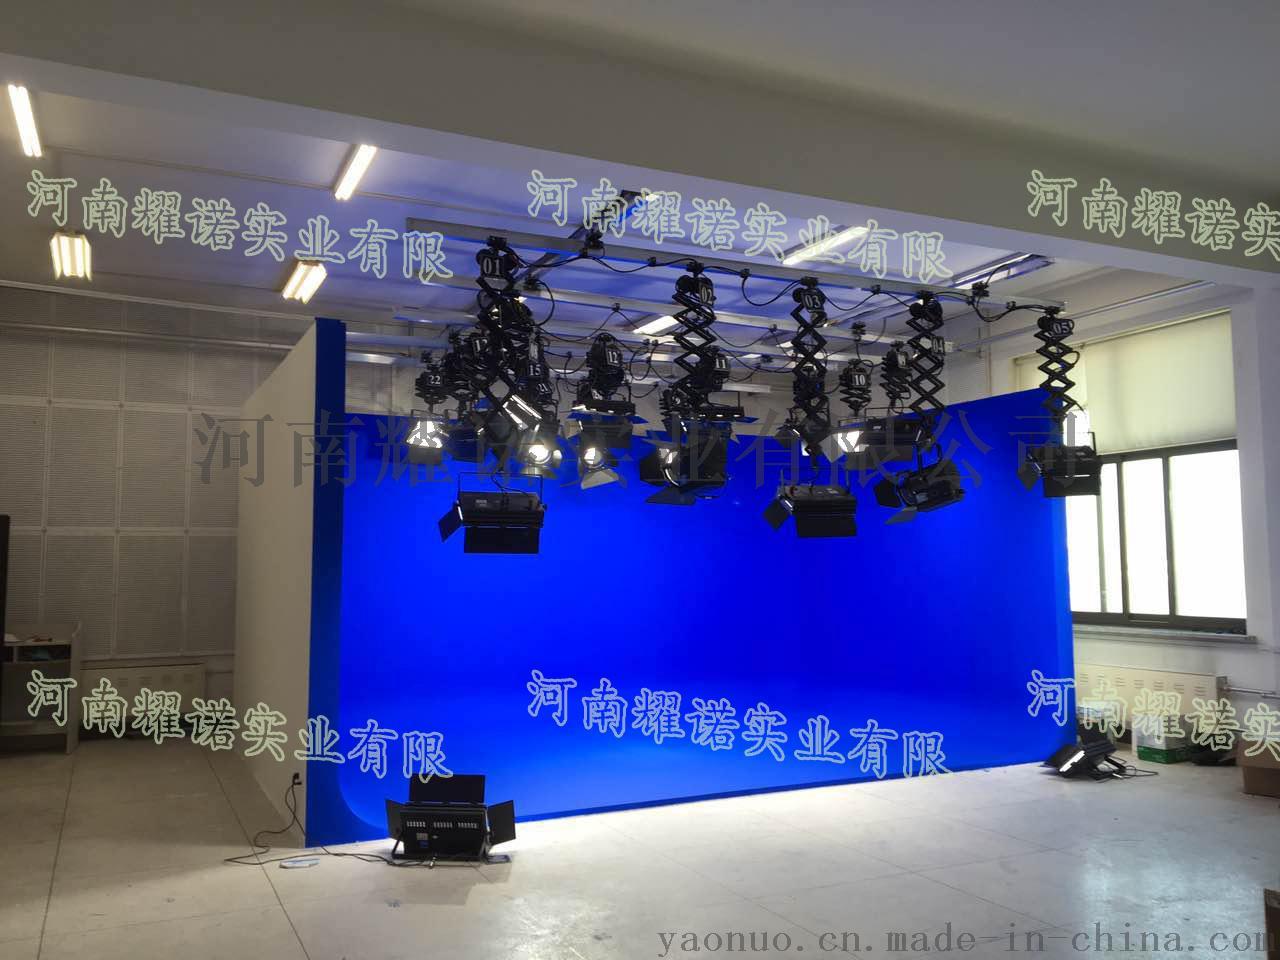 演播室访谈聚光灯补光灯LED图纸节目专用灯光保存怎样建筑施工学校图片